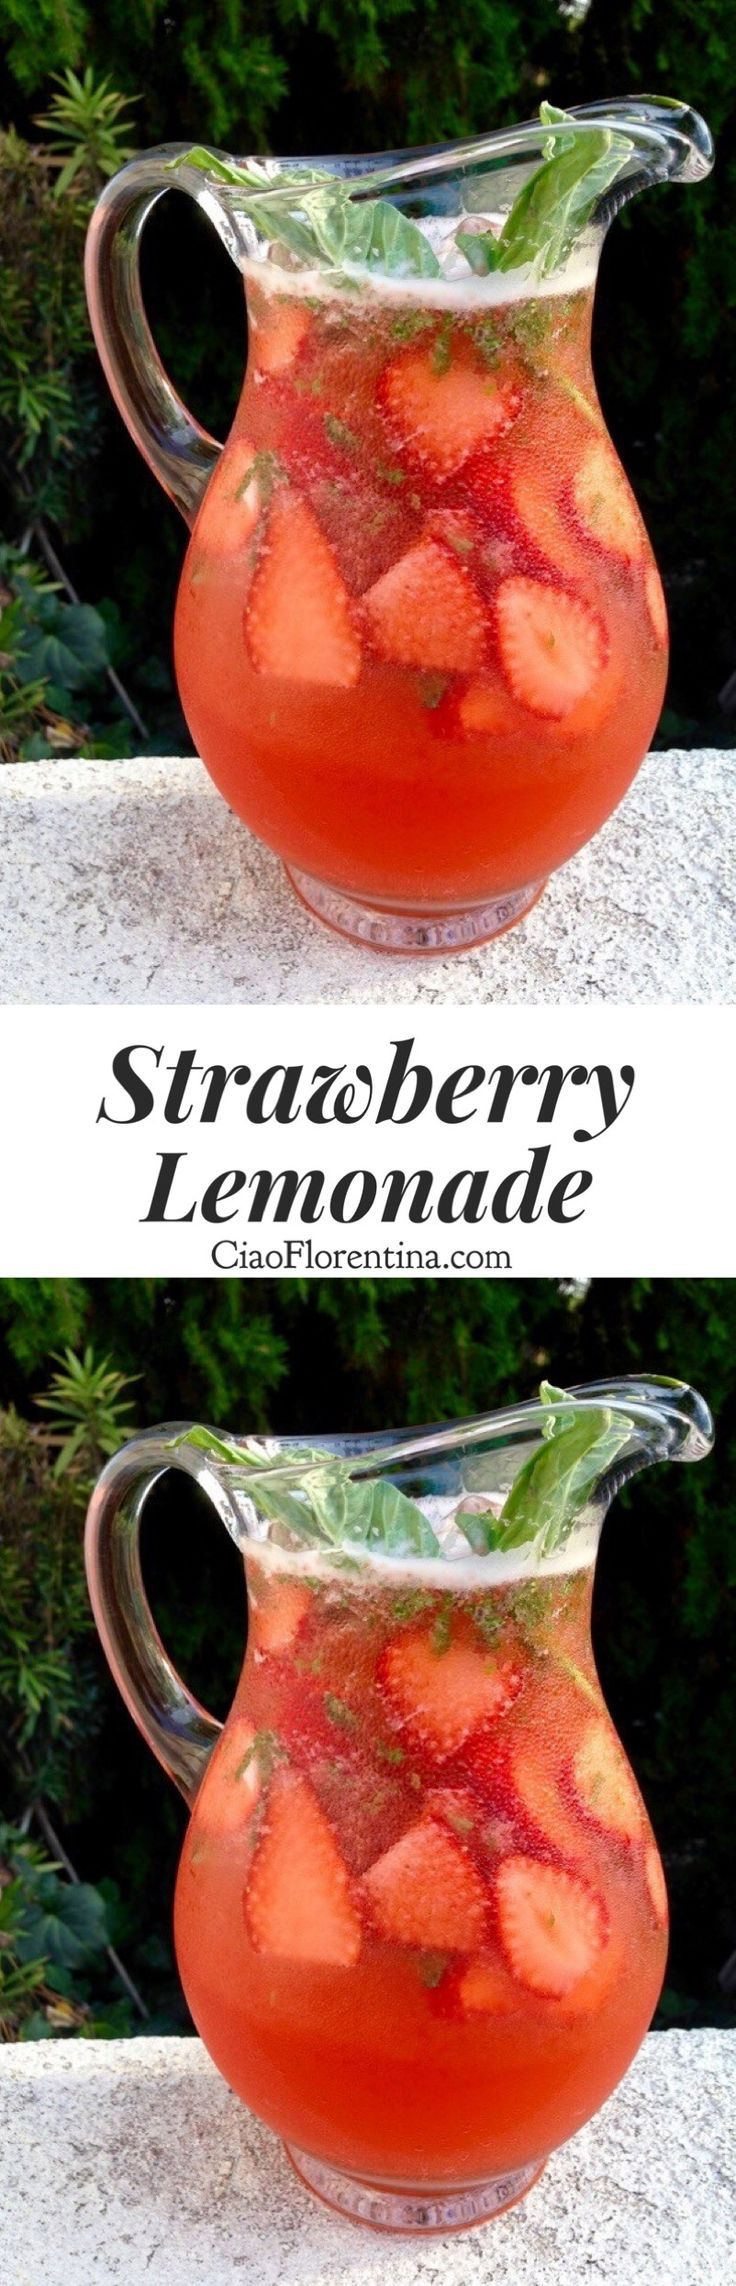 Strawberry Lemonade Recipe with Basil and Honey |CiaoFlorentina.com @CiaoFlorentina